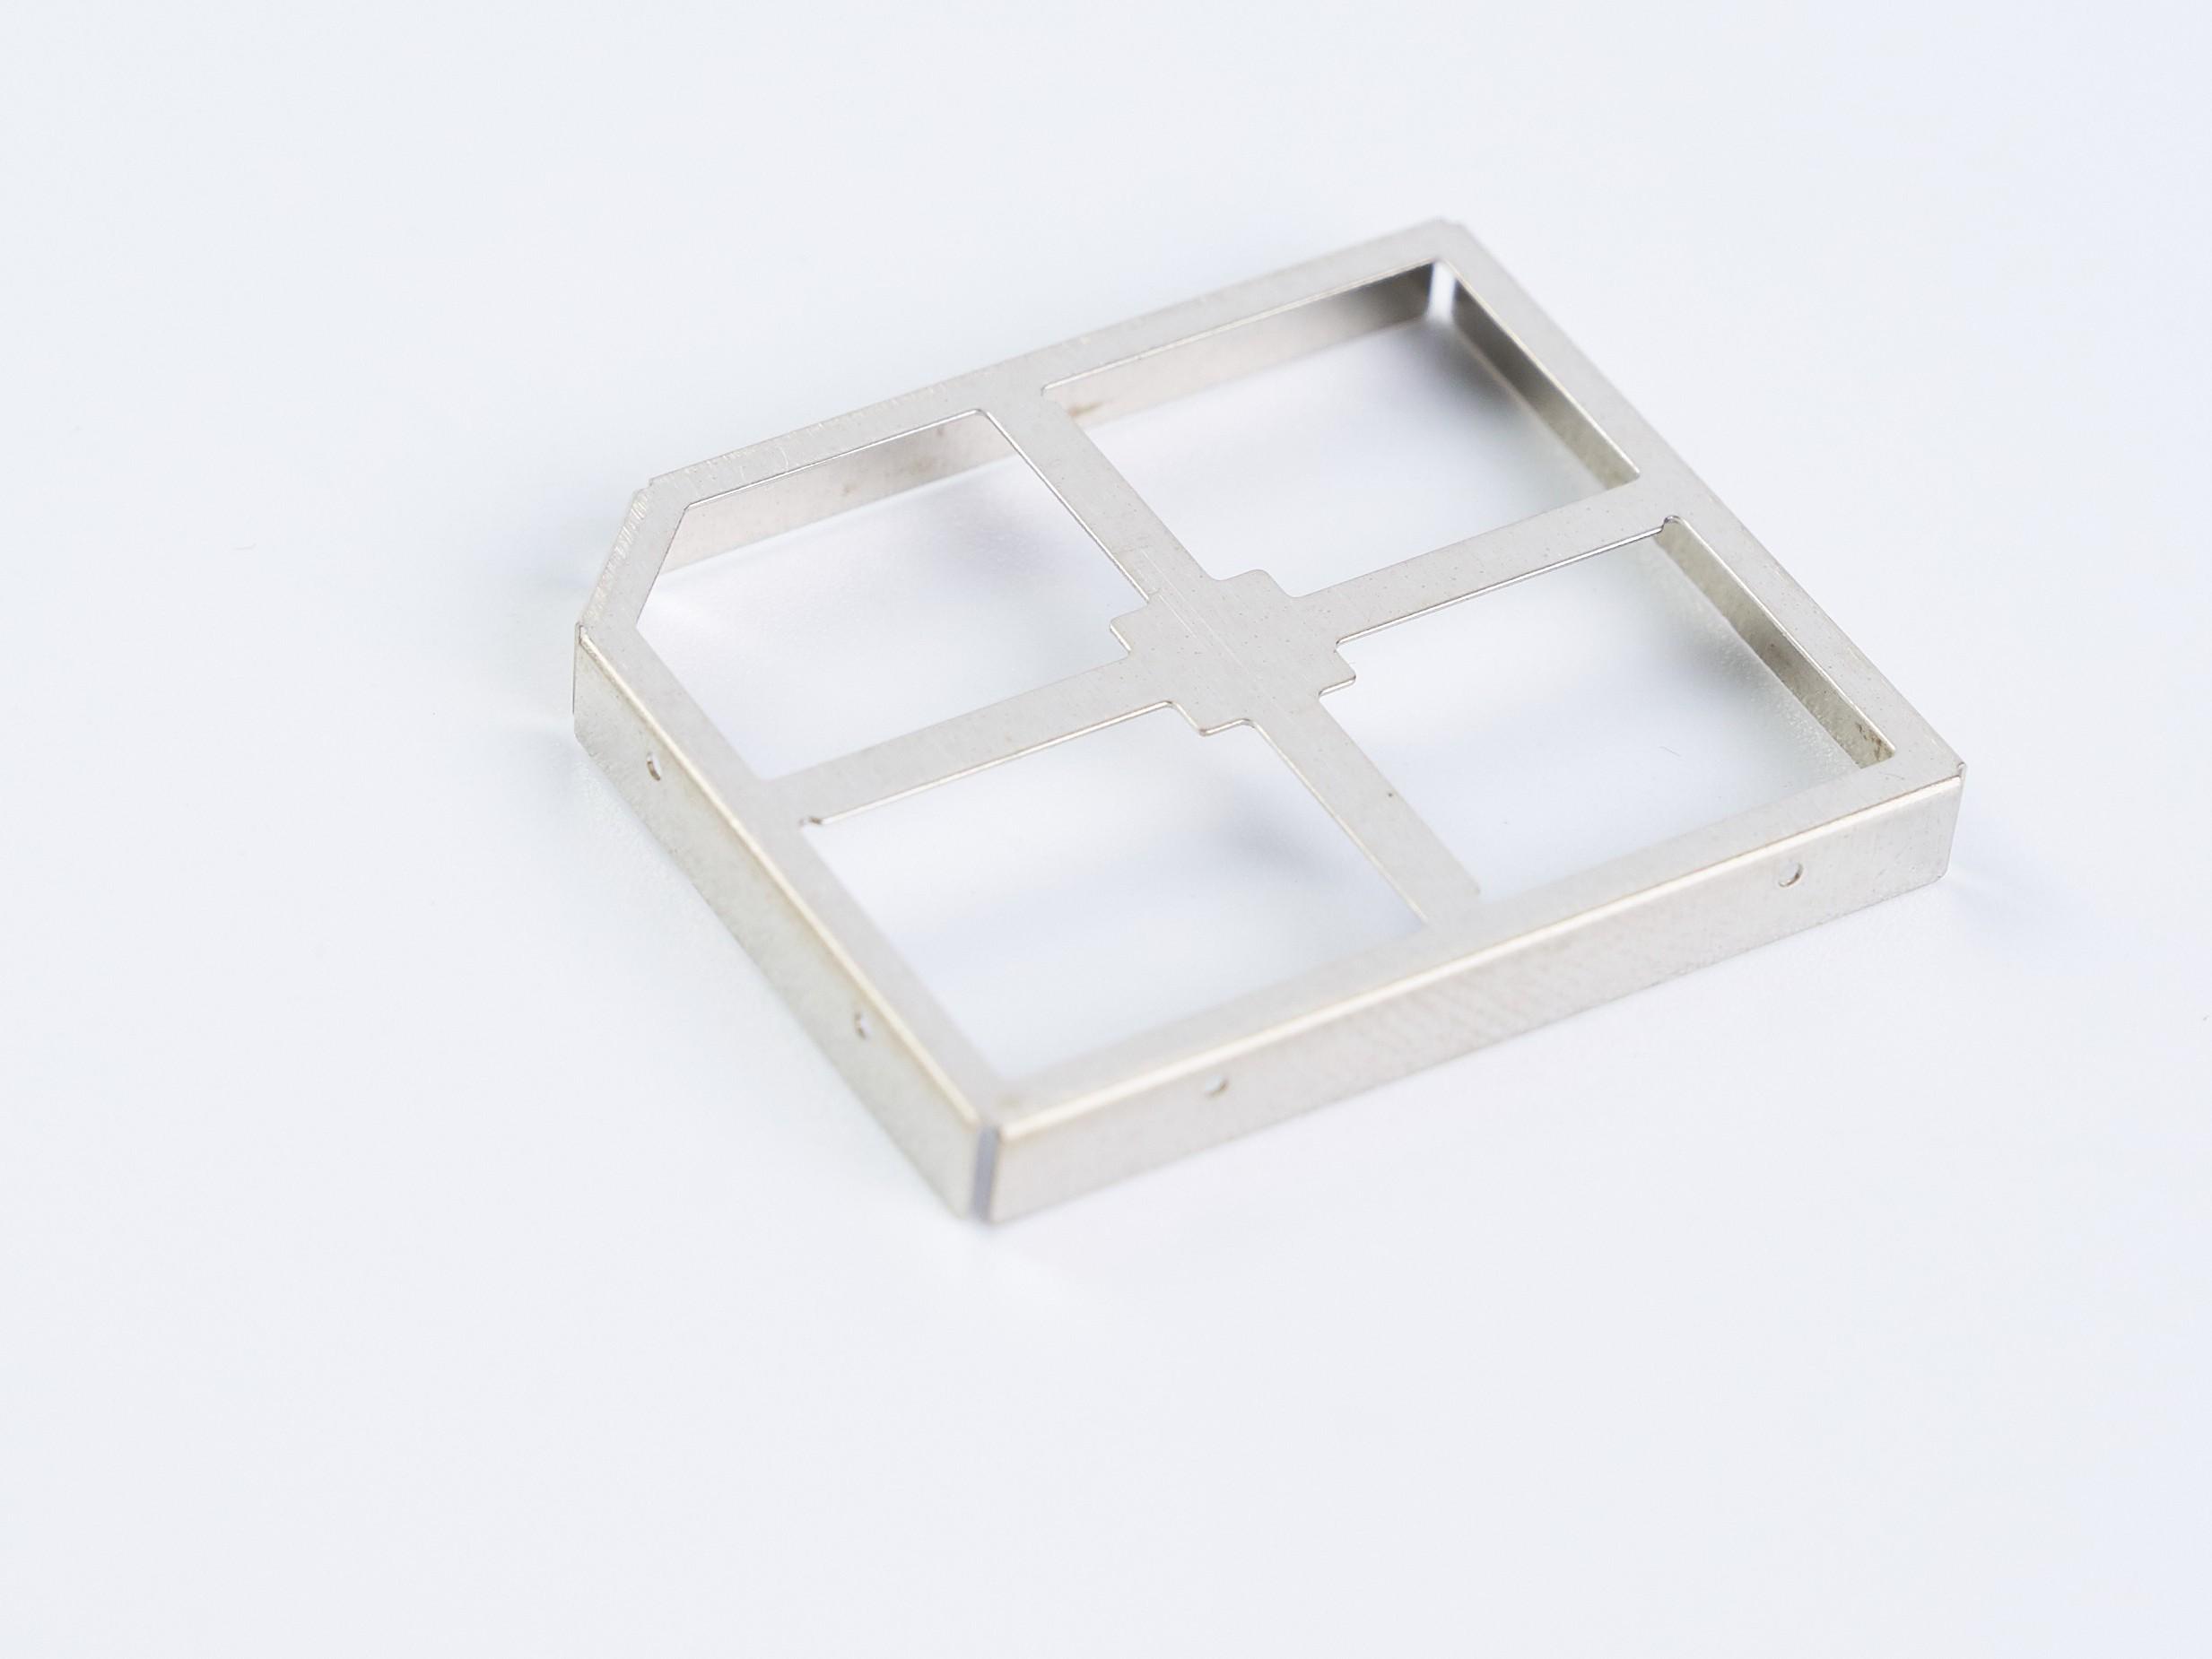 电路板主板屏蔽罩冲压厂家-20年加工经验-力达精工